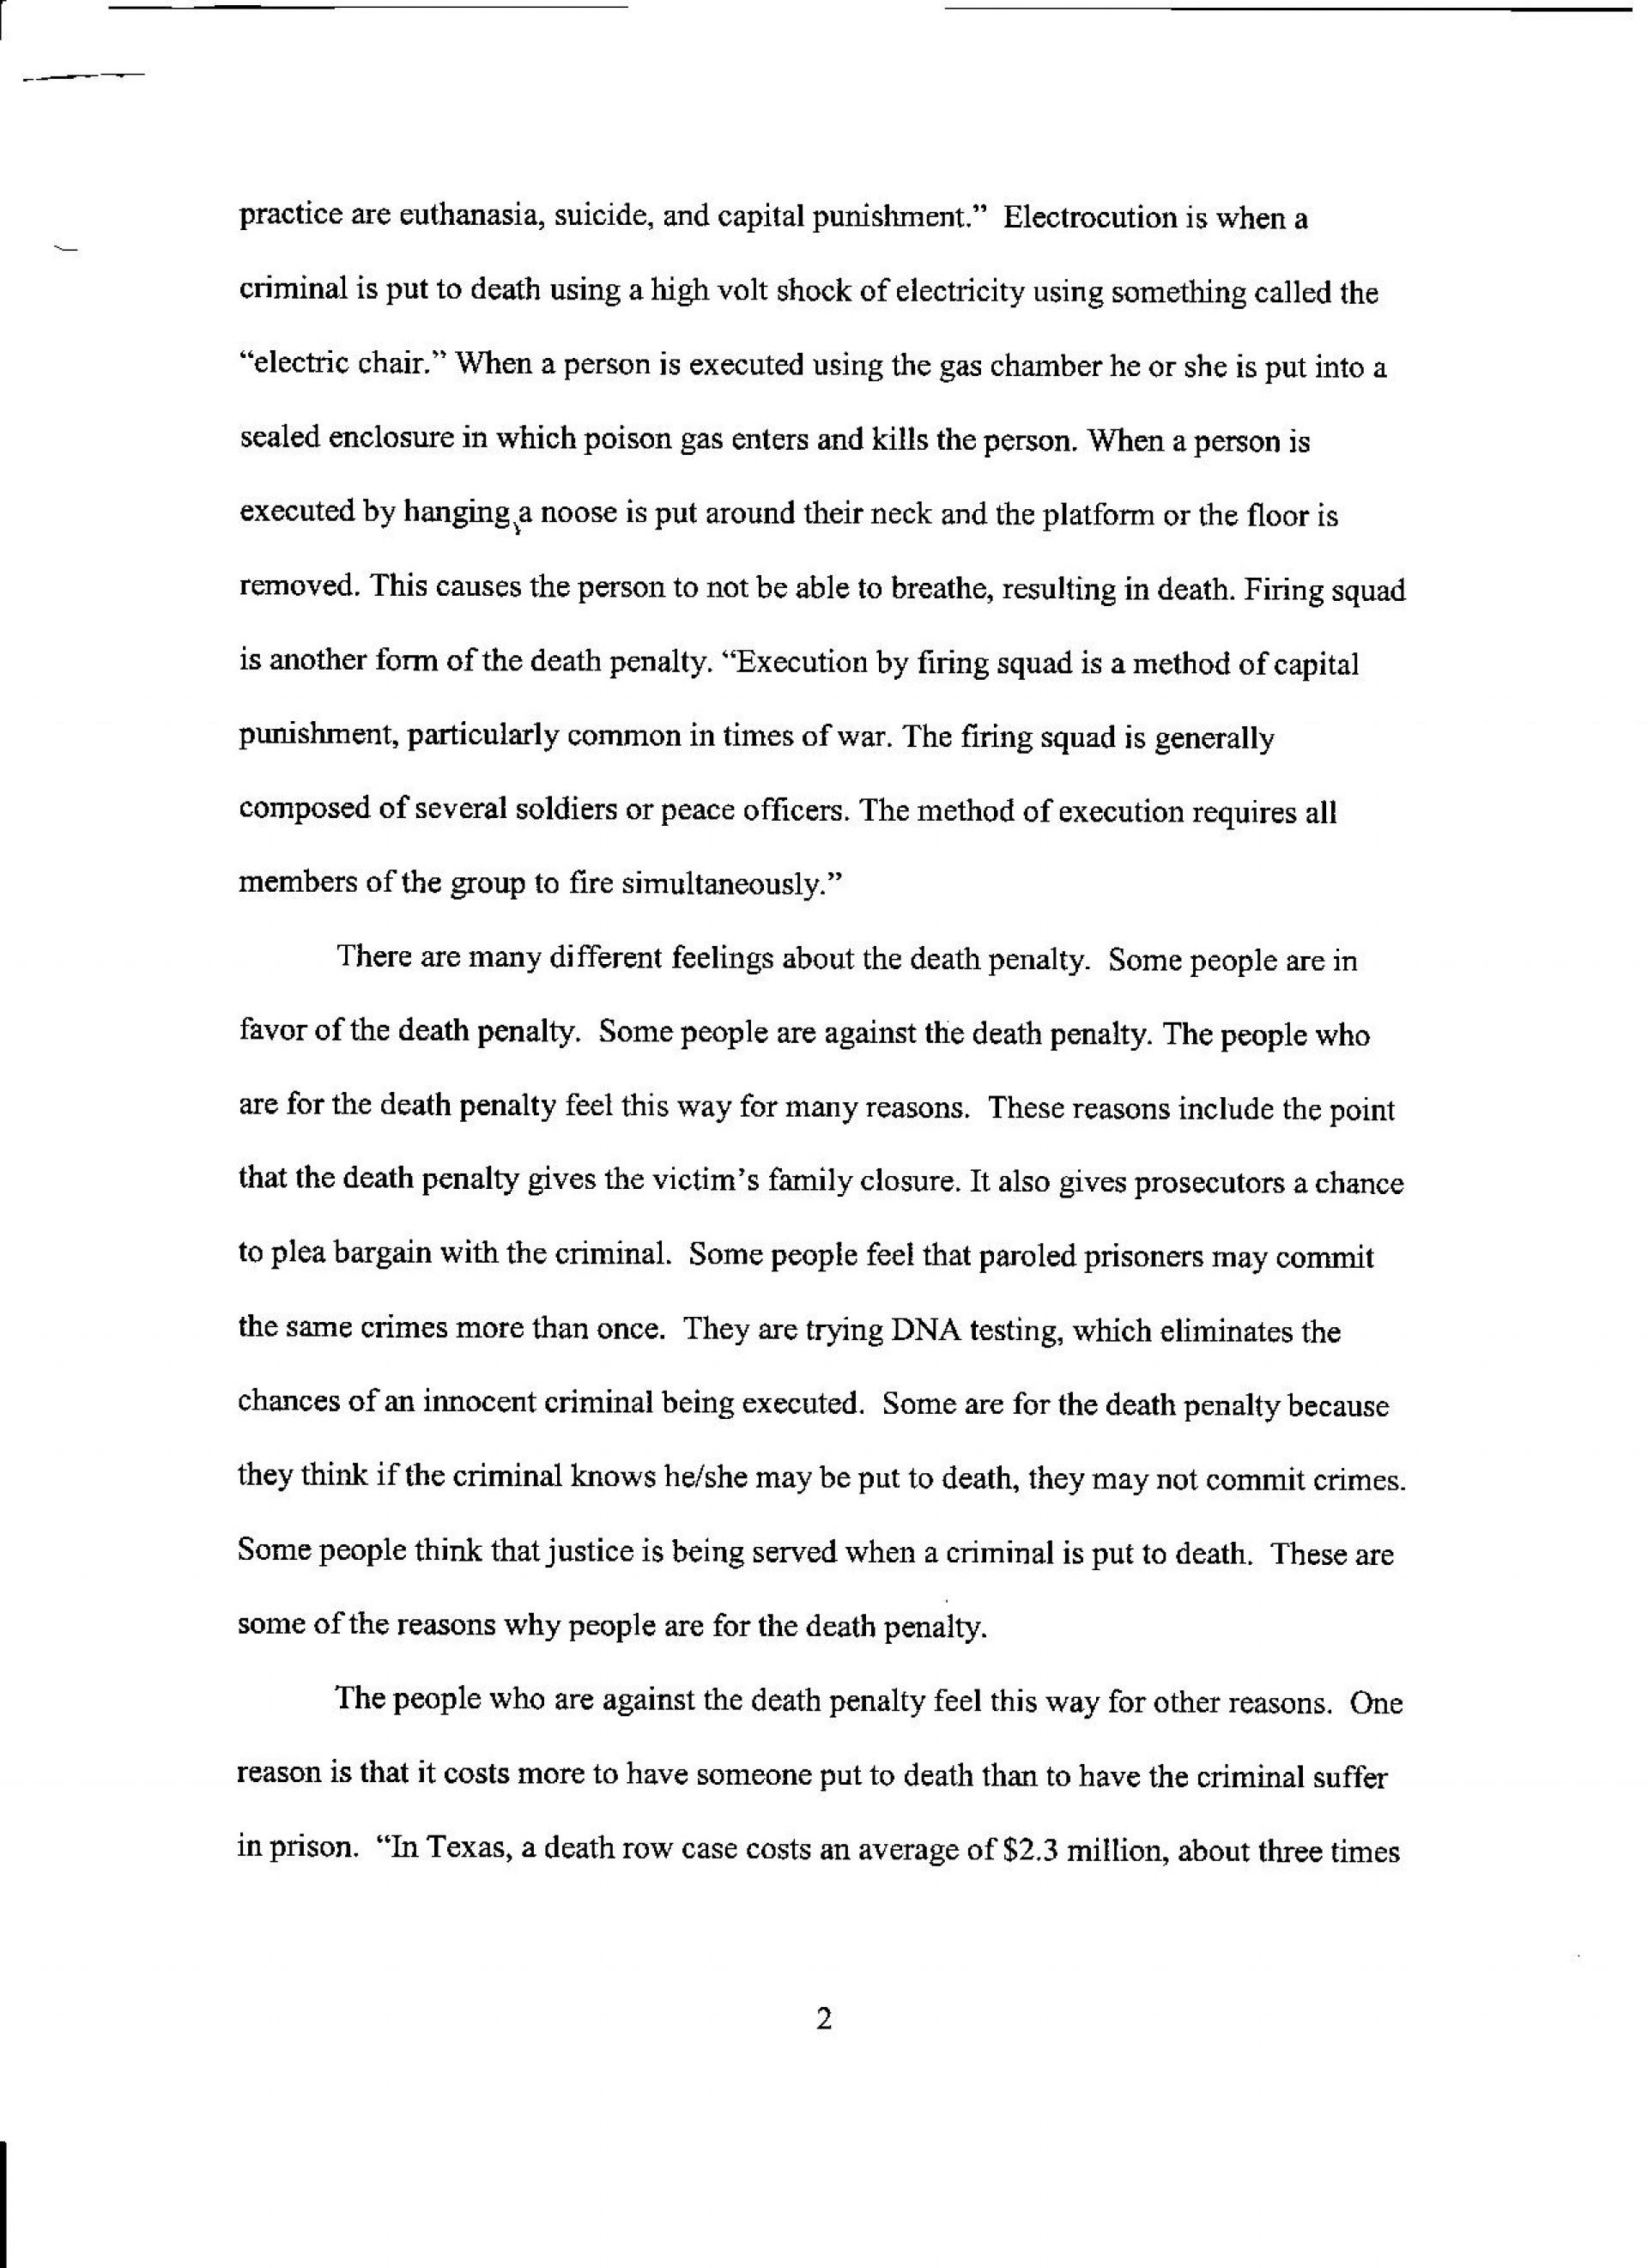 002 Death Penalty Essays Pg Essay Sensational Anti Conclusion Hook For Pro Argumentative 1920